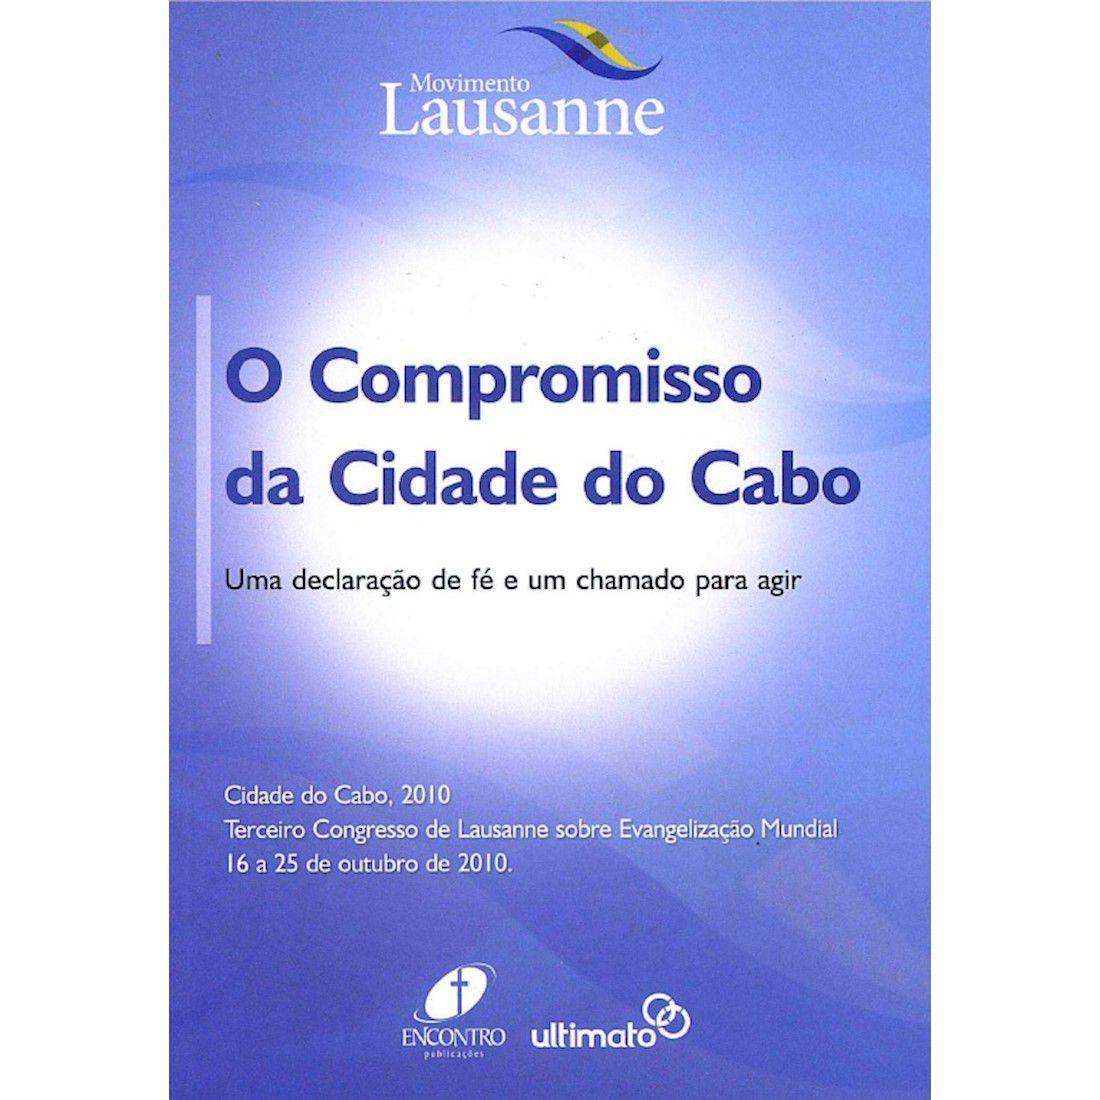 Livro O Compromisso da Cidade do Cabo